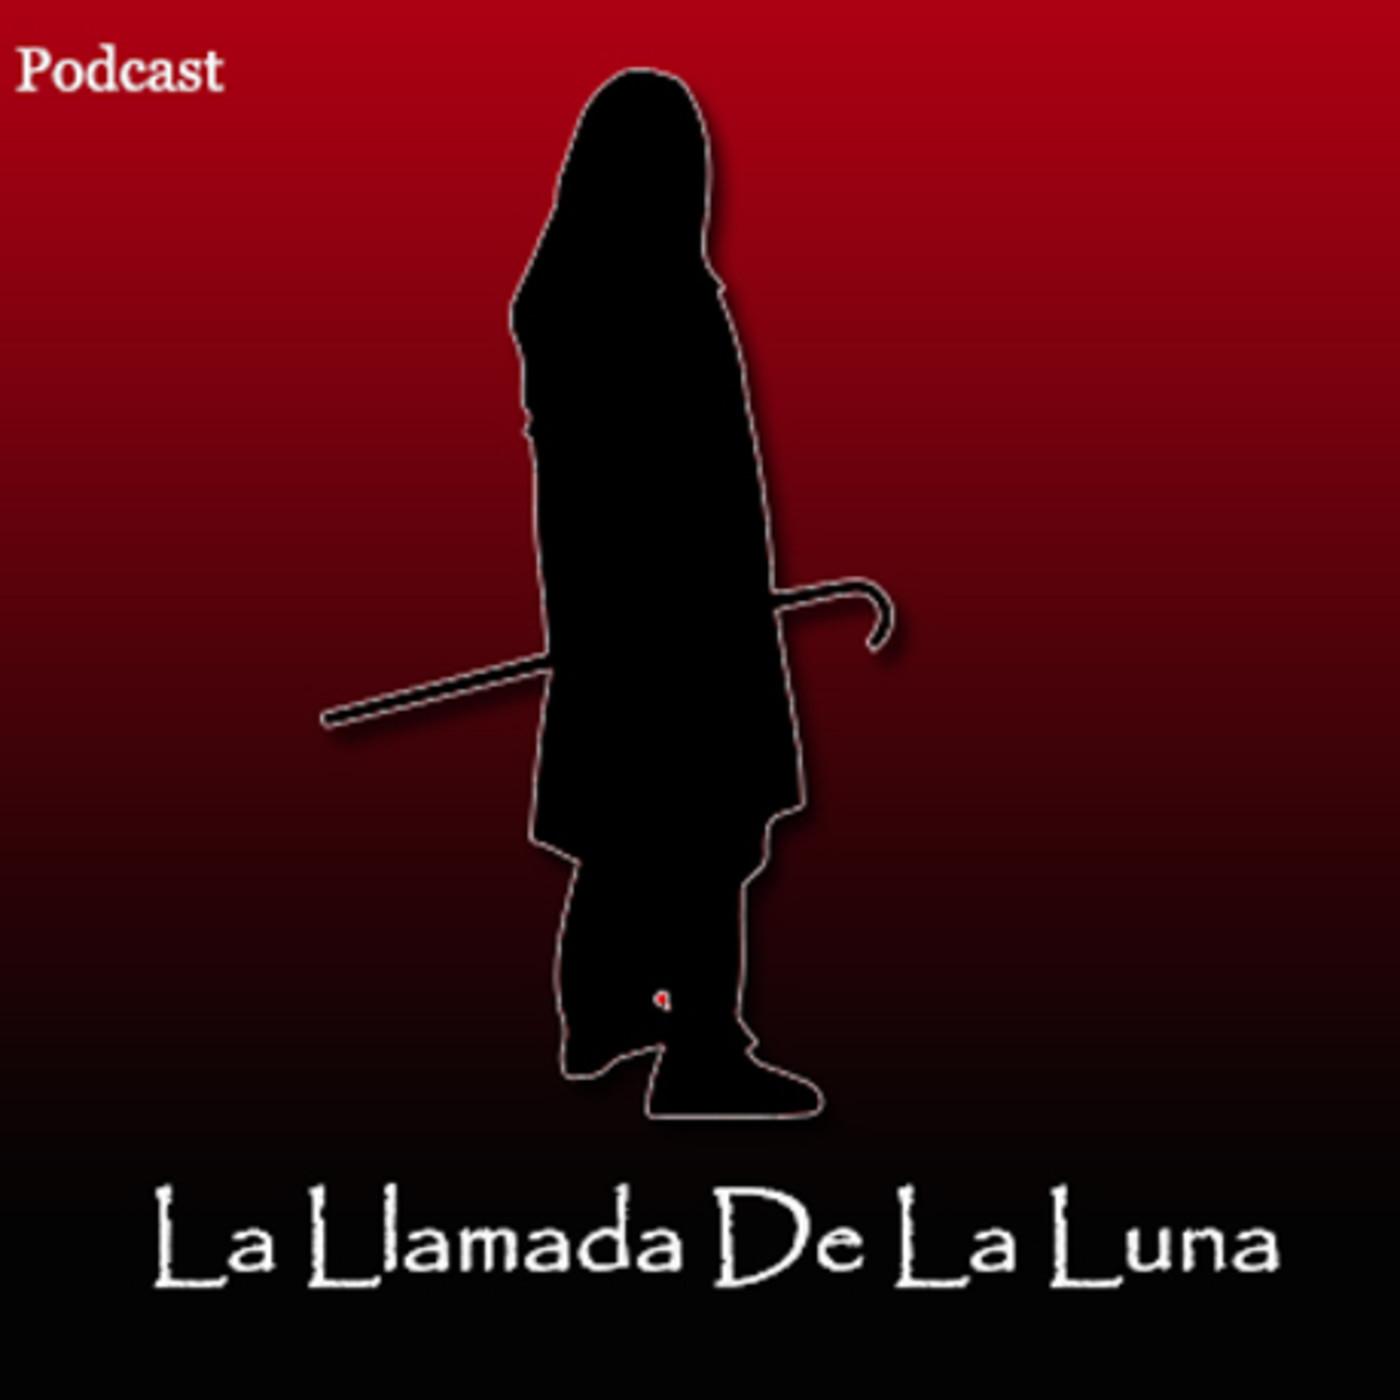 Amante Loba Y Vampira 2 la llamada de la luna (lldll)   podbay